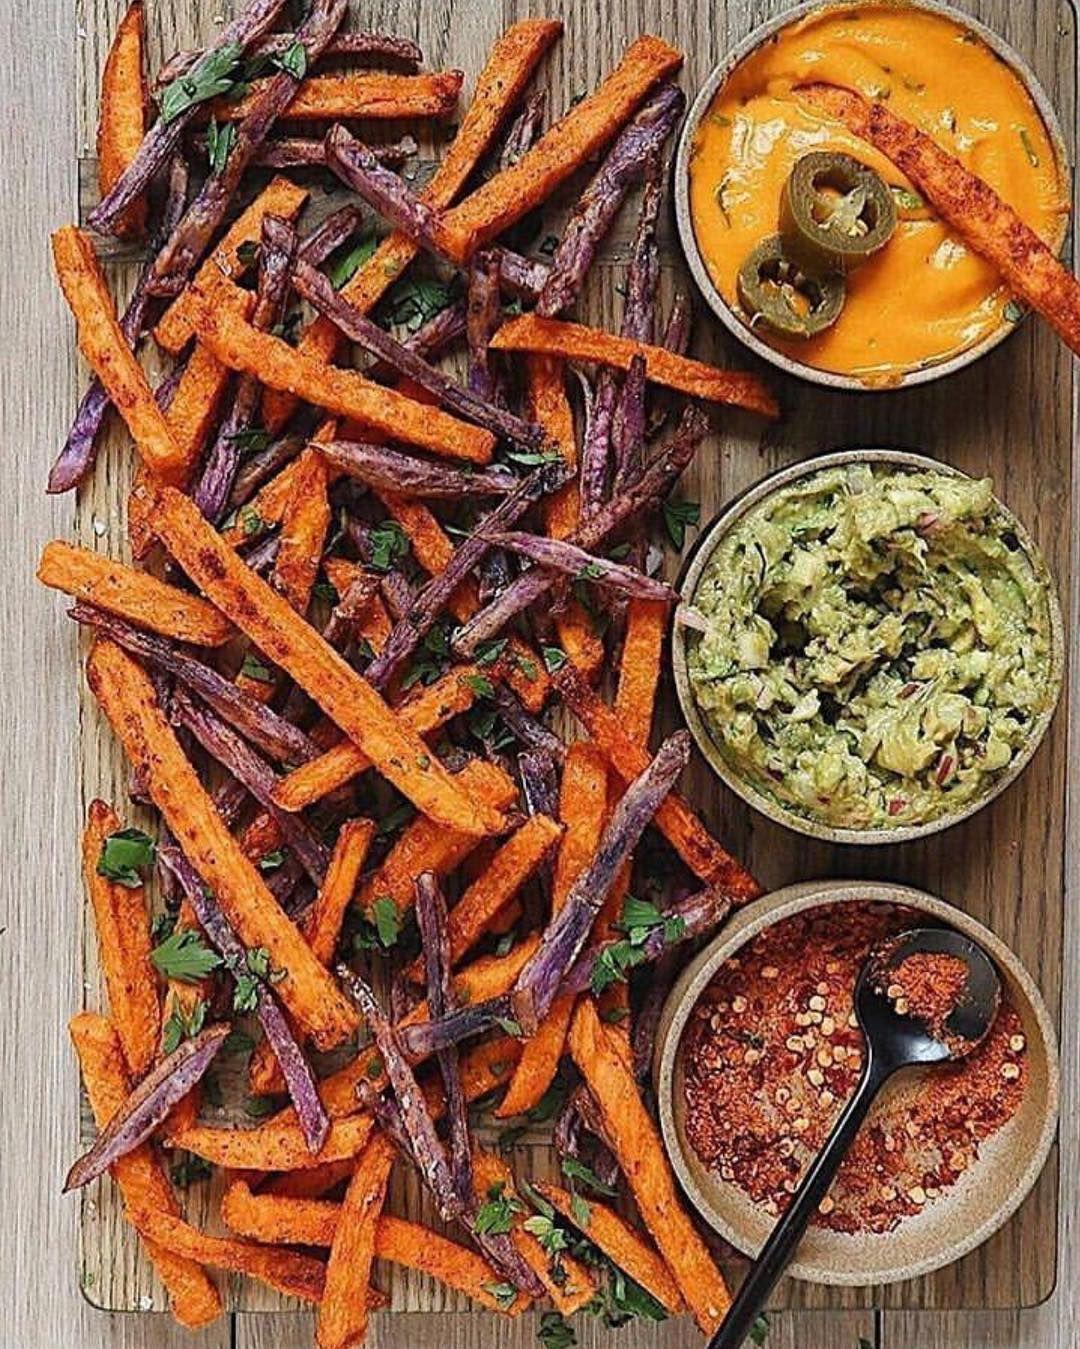 بطاطس محمرة المكونات 4 بطاطا حلوة متوسطة الحجم بنفسجية وبطاطا حلوة أرجوانية زيت زيتون 1 ملعقة صغير Vegetarian Recipes Healthy Food Purple Sweet Potatoes